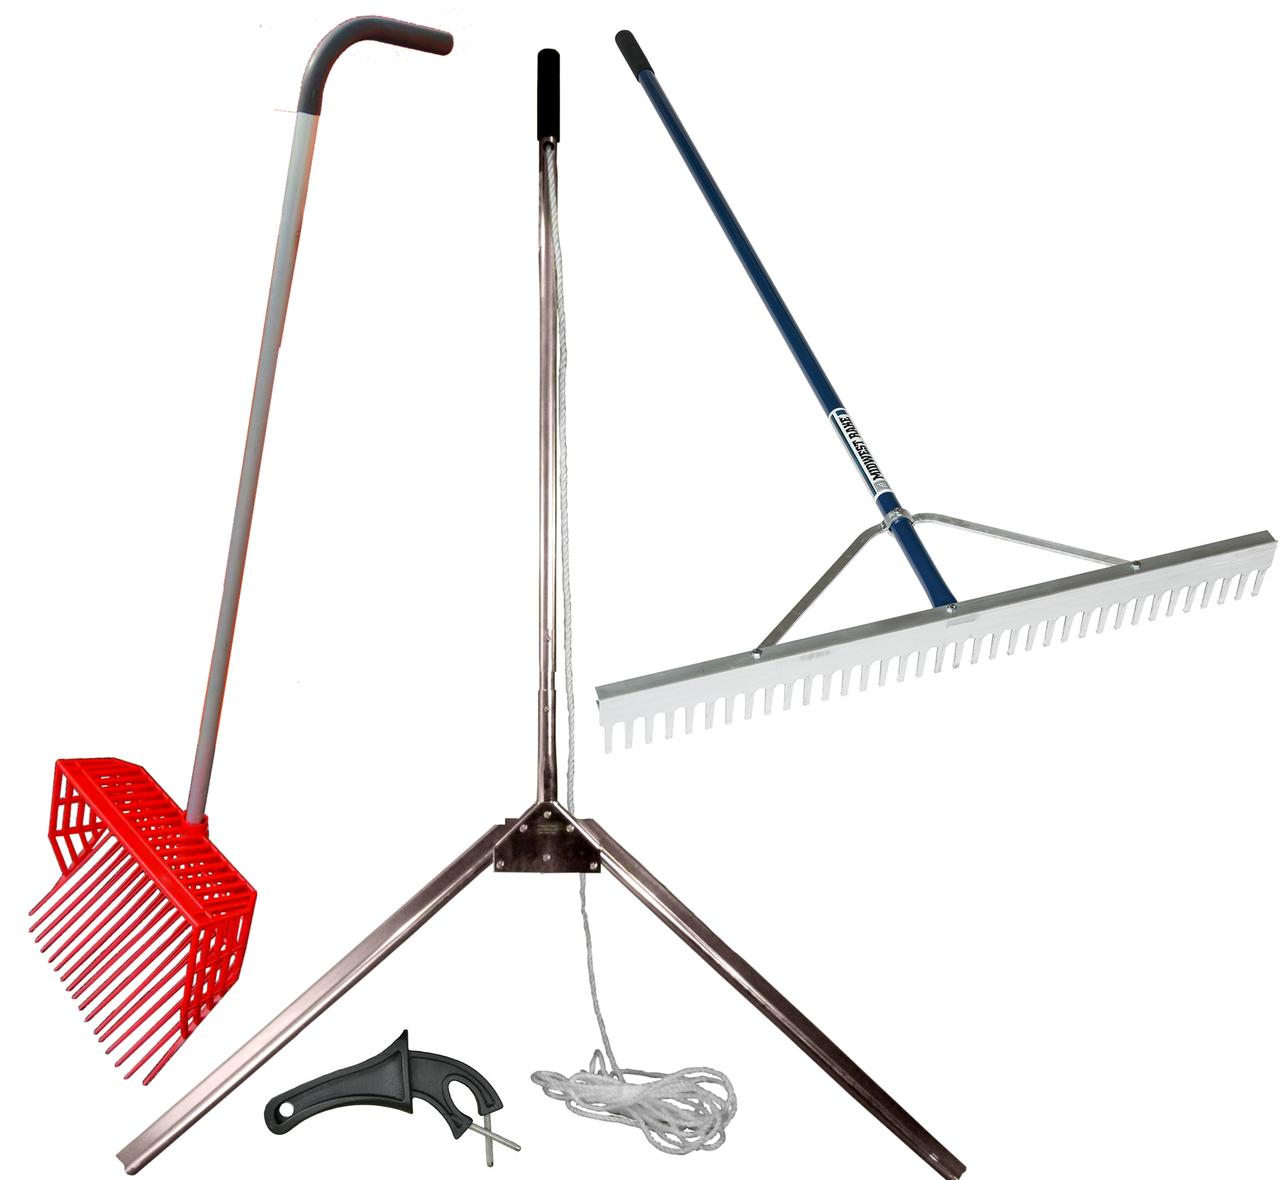 weedshear-lrr-pitch-fork-combo.jpg